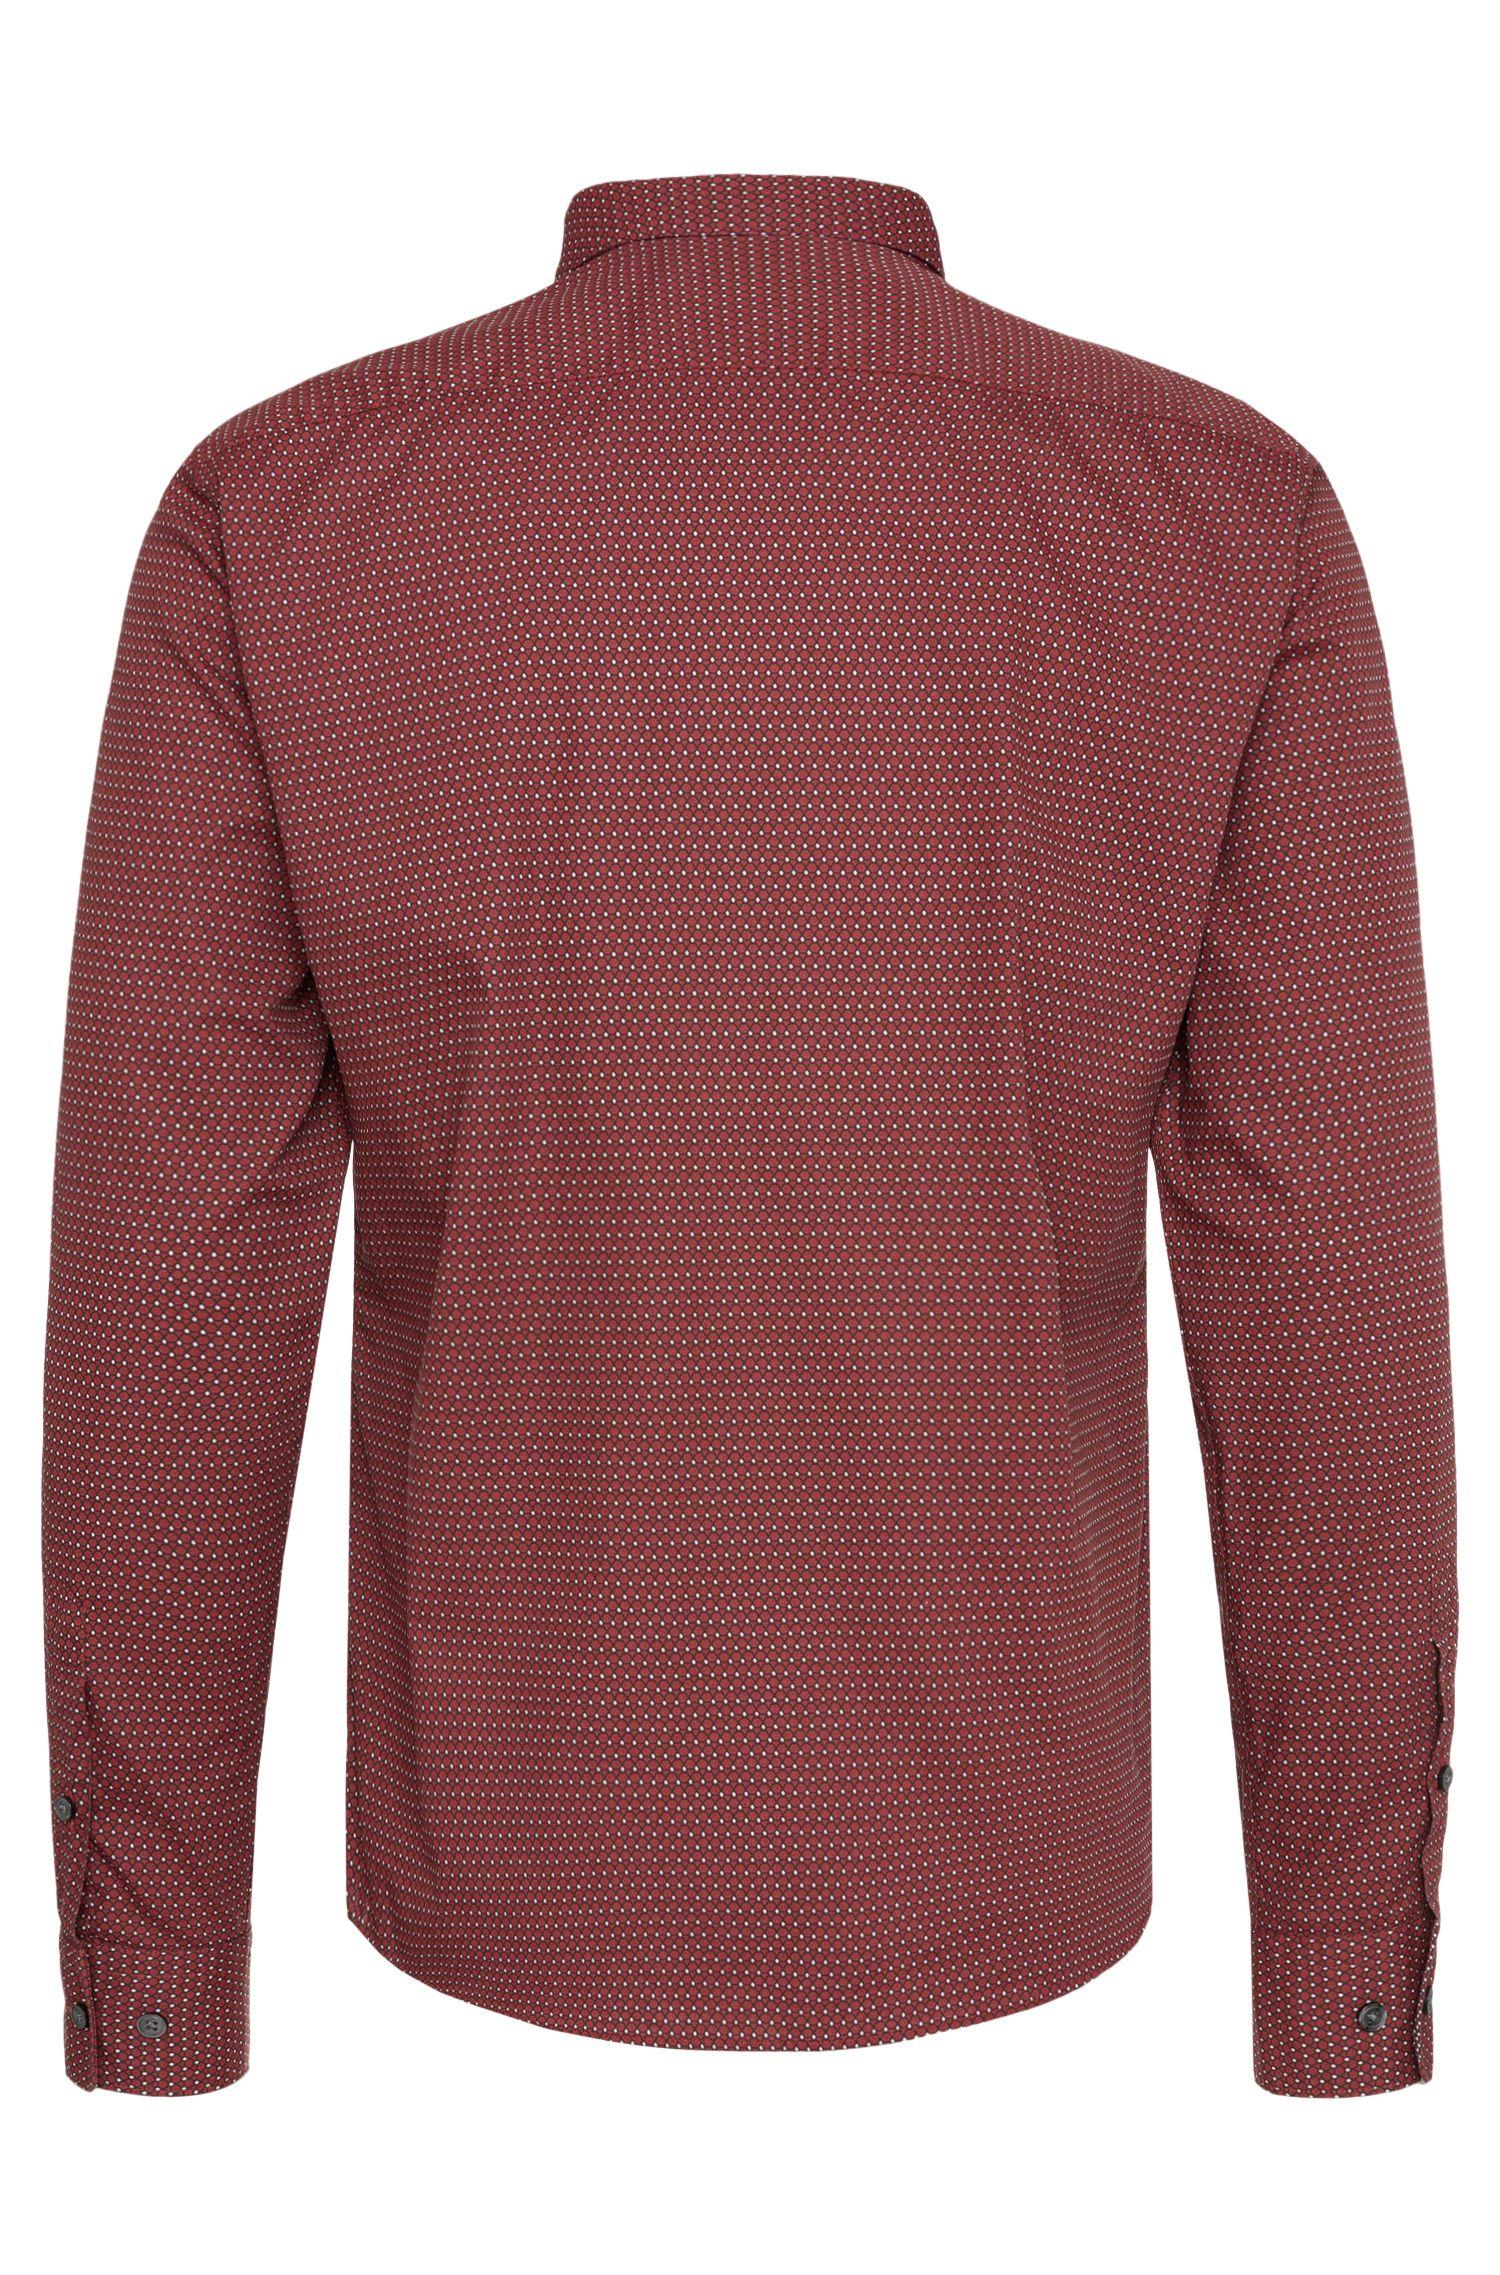 Allover gemustertes Slim-Fit Hemd aus Baumwolle: 'Reid_F'